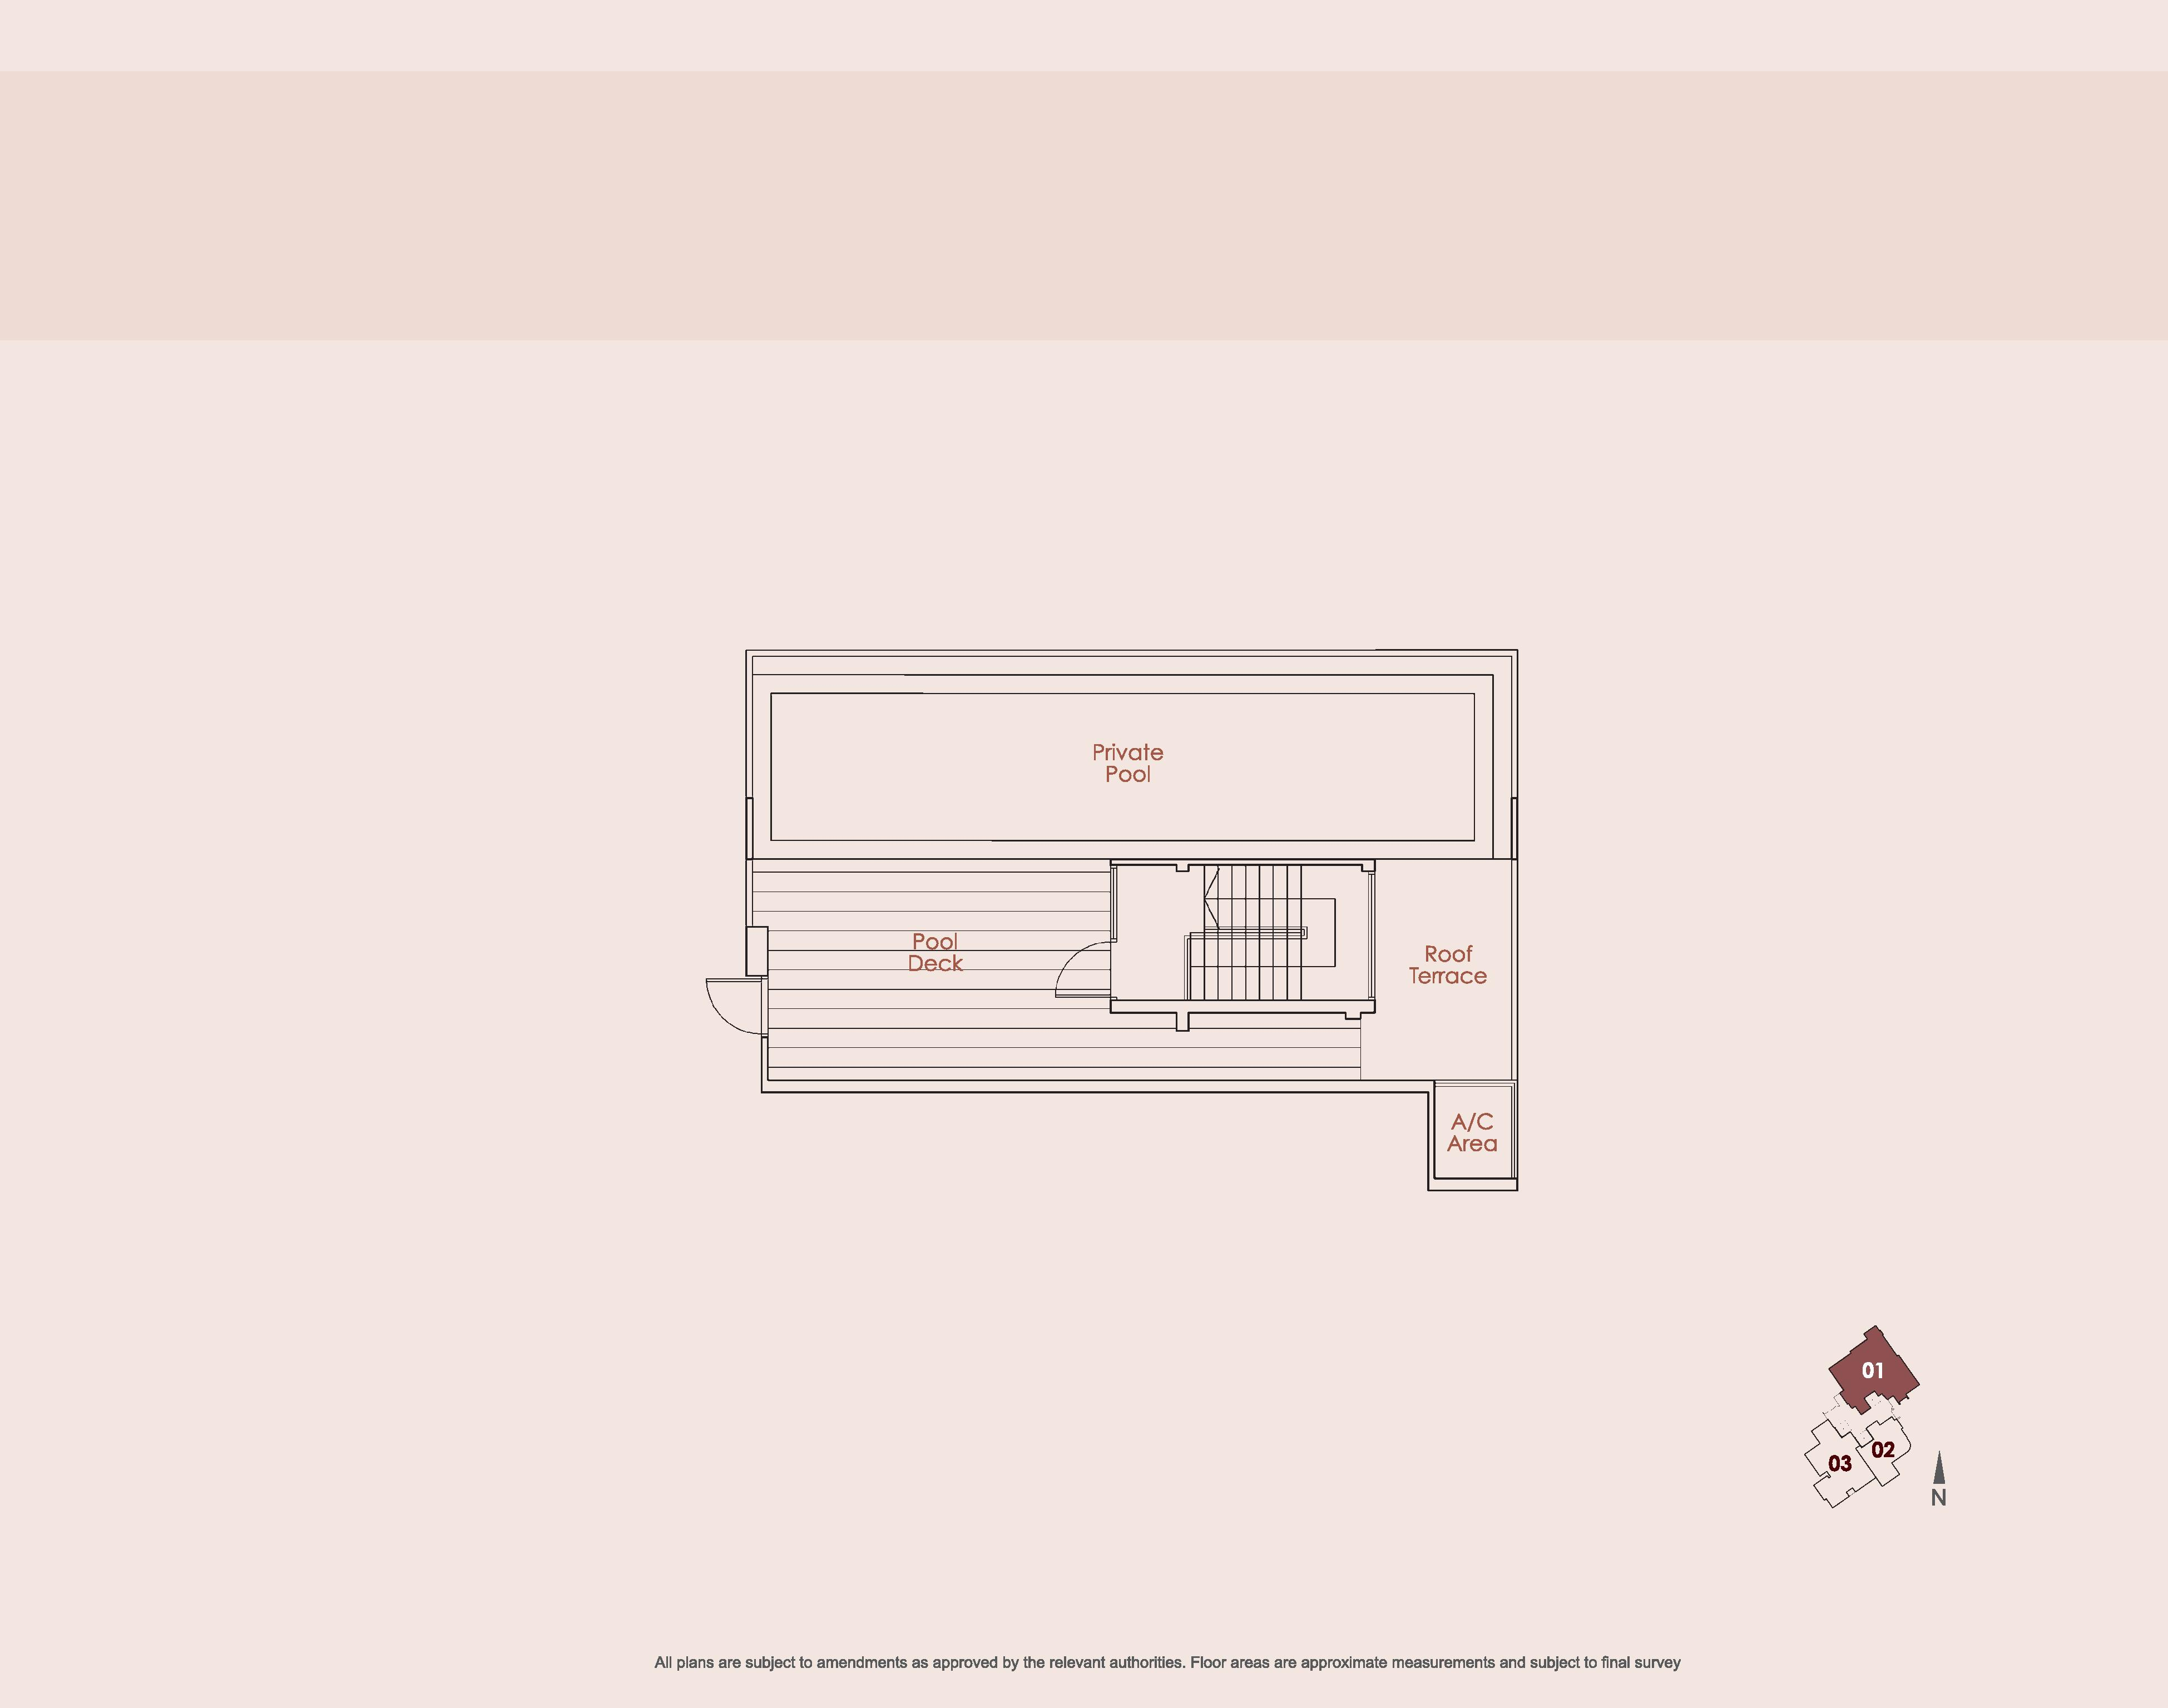 Starlight Suites Type CP 4 Bedroom Floor Plan Part 2